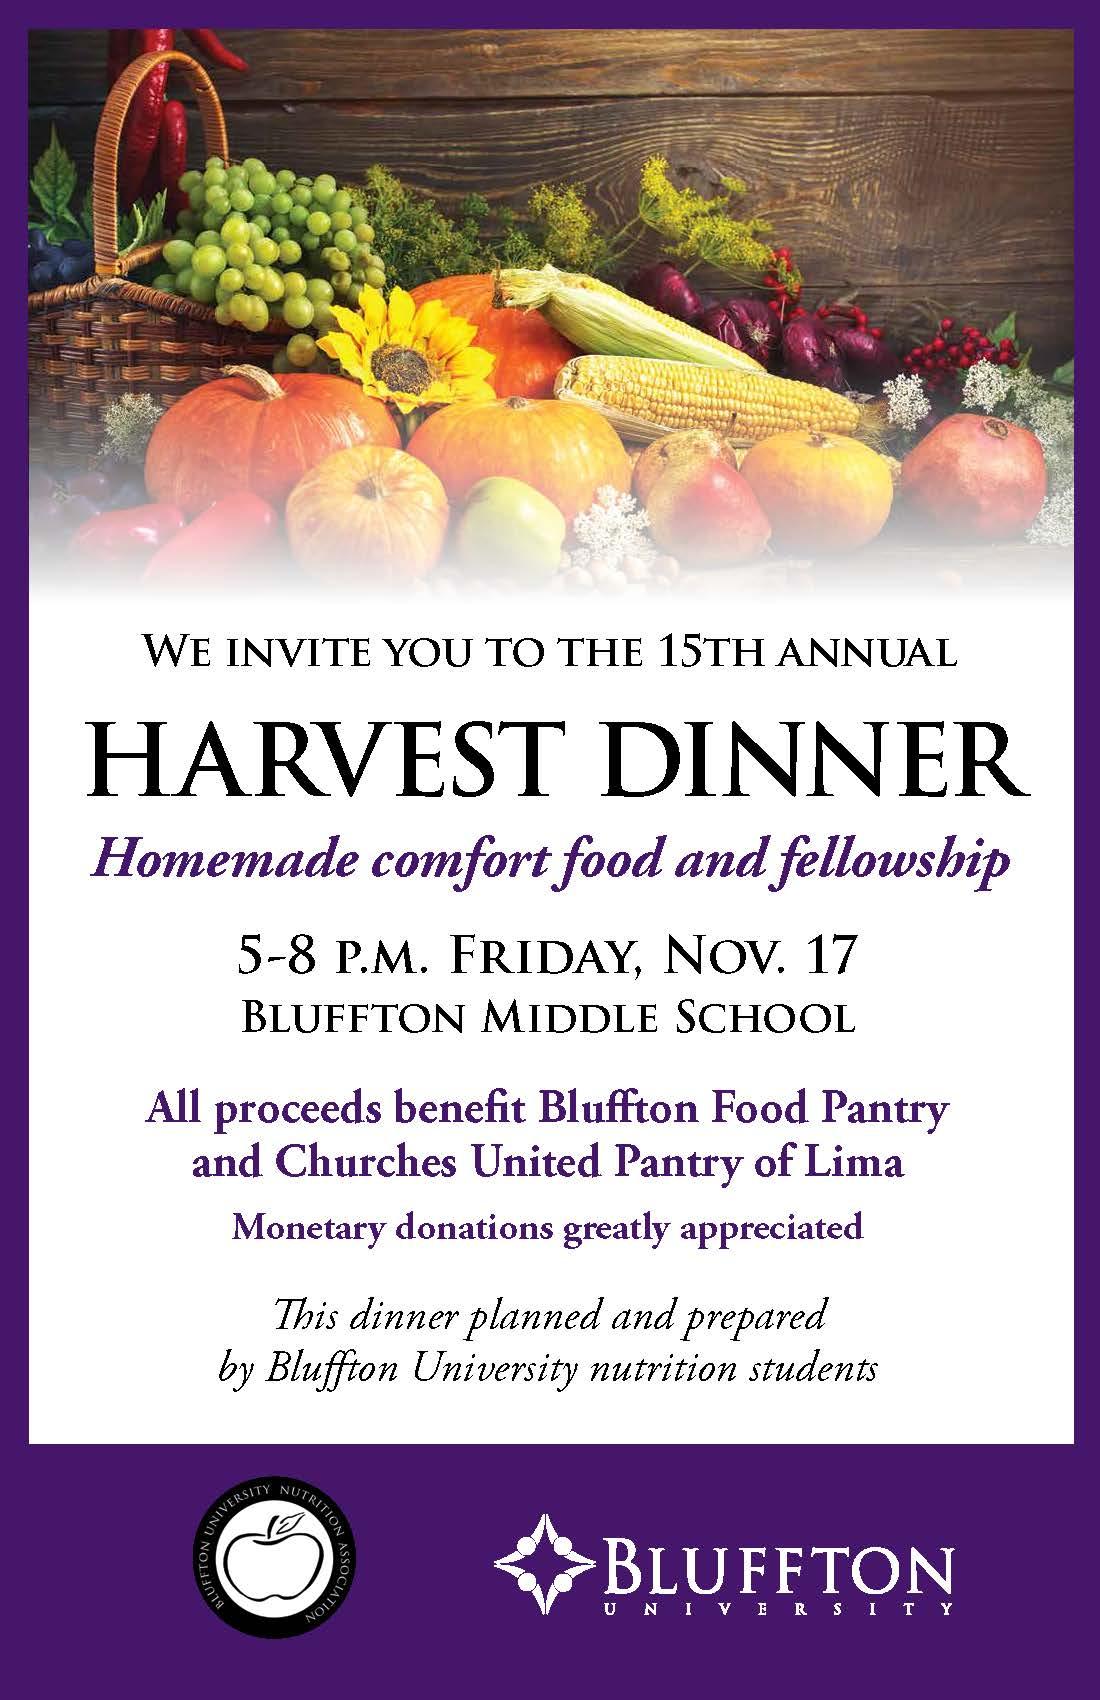 Harvest Dinner Poster 2017